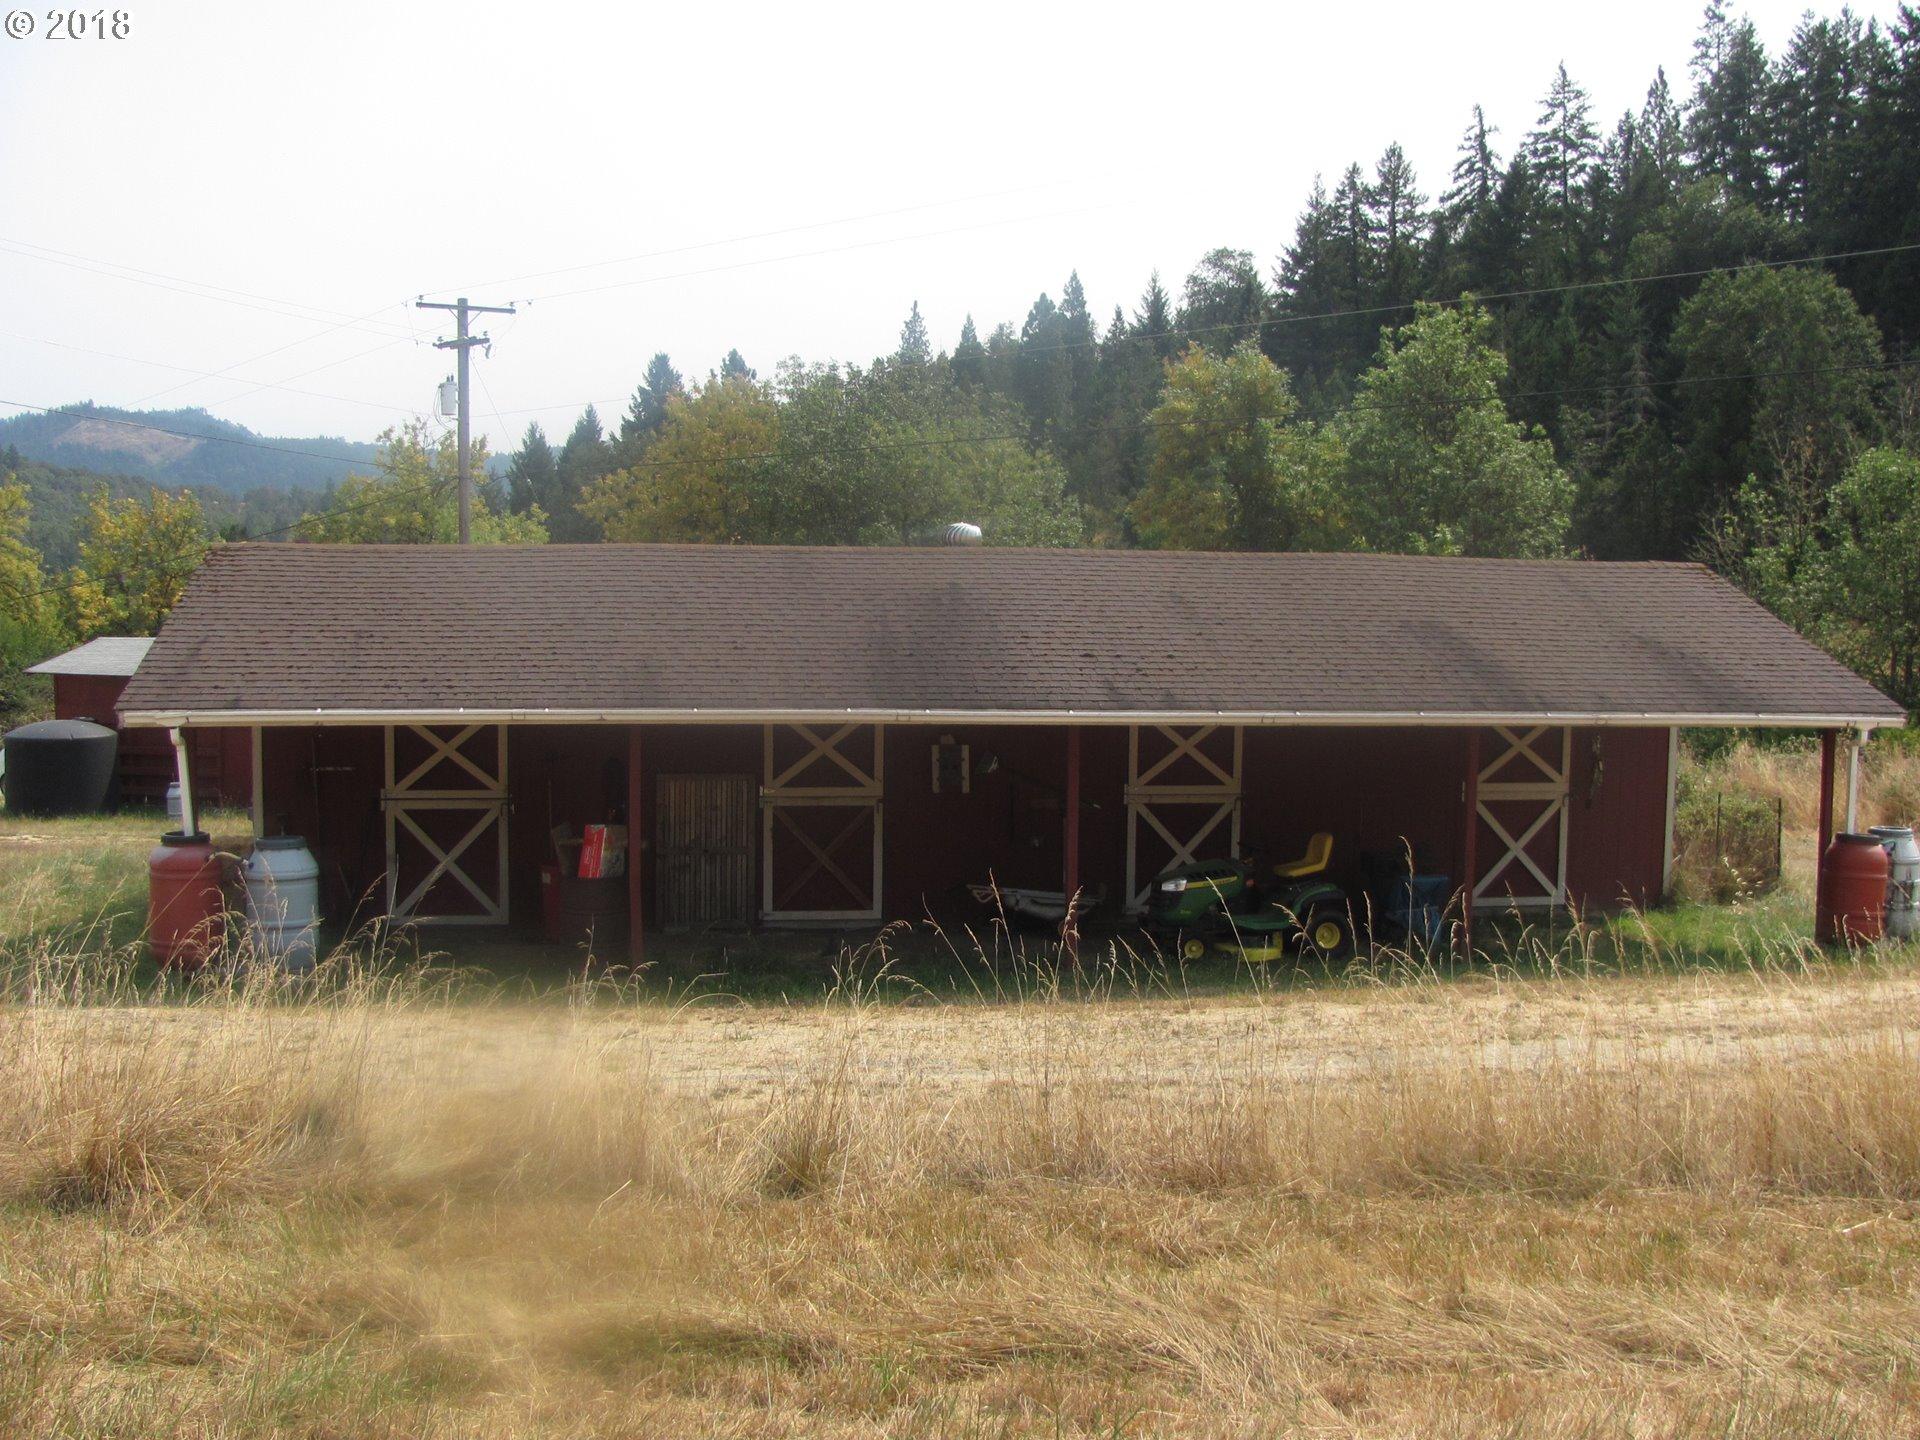 573 SPRING BROOK RD Myrtle Creek, OR 97457 - MLS #: 18650178